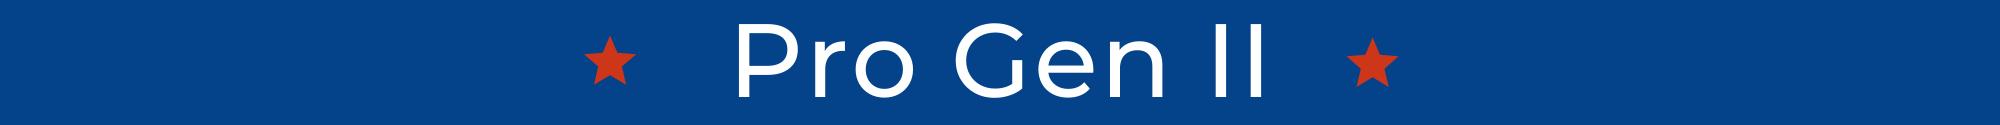 PGII Header